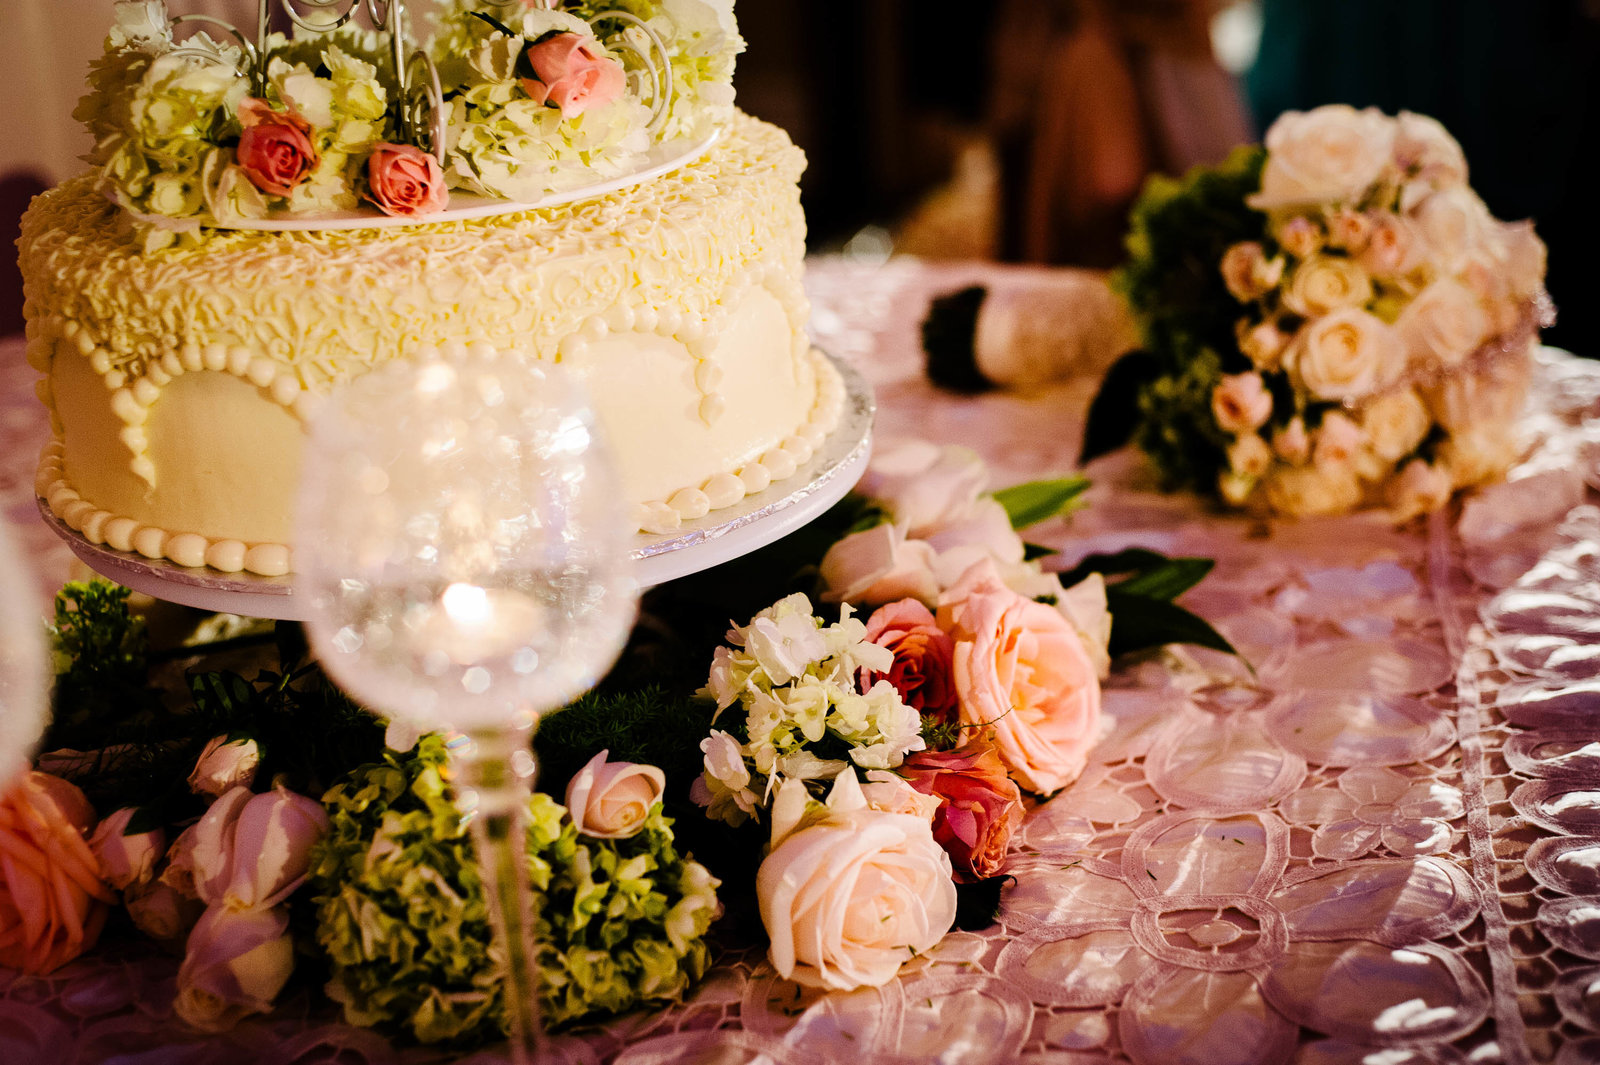 120-El-paso-wedding-photographer-MiAr_0864